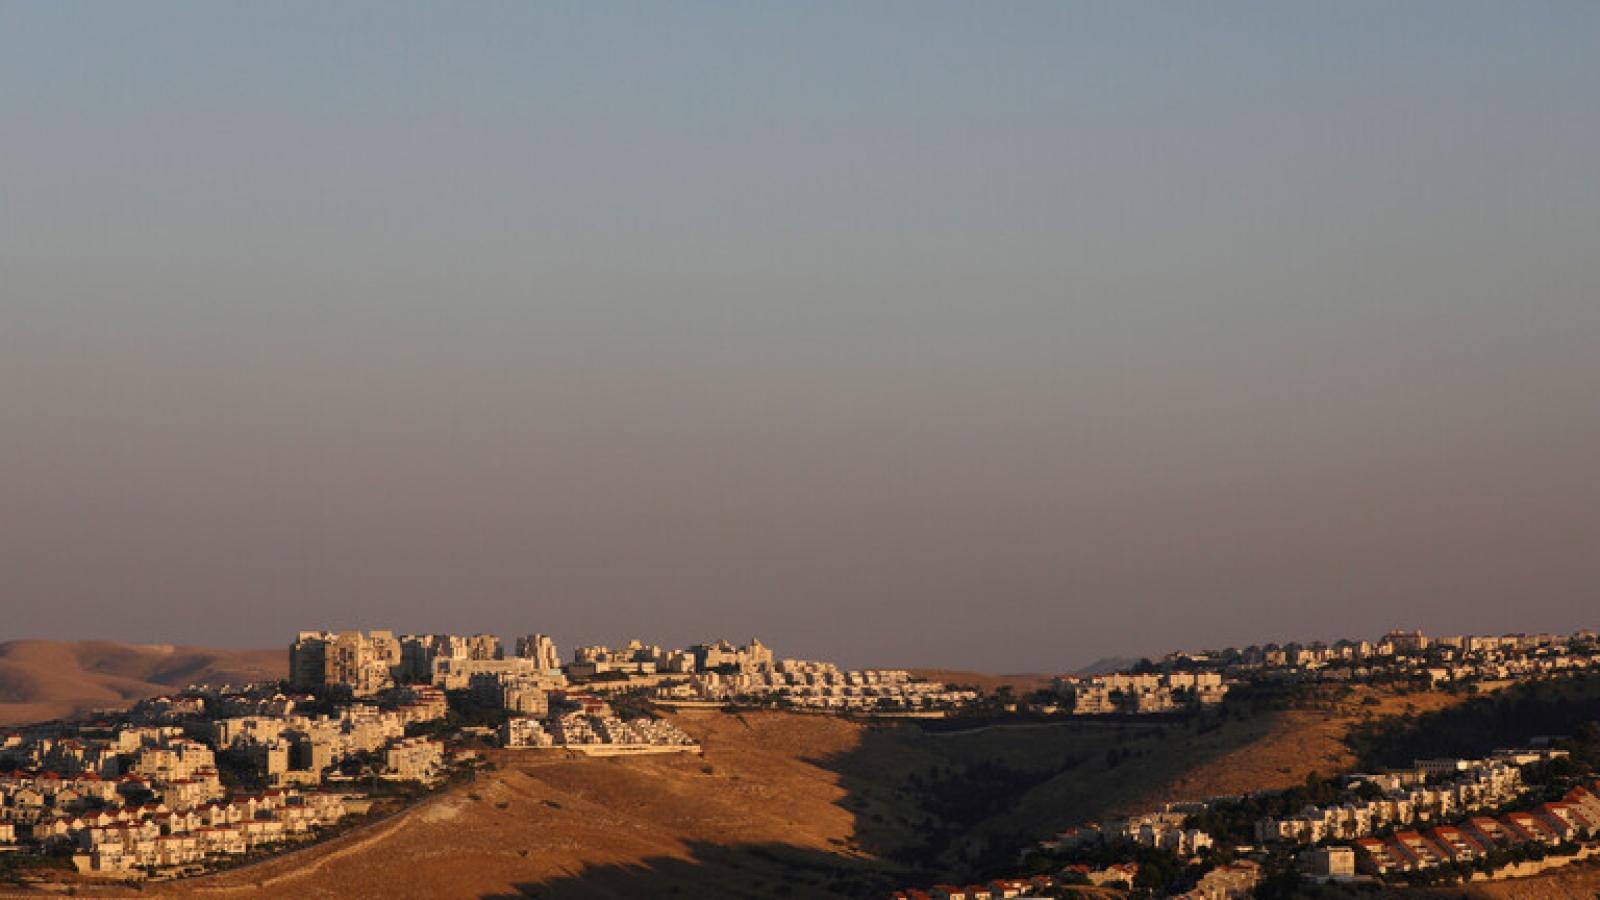 Dư luận khu vực lên án Israel xây dựng khu định cư mới ở Jerusalem